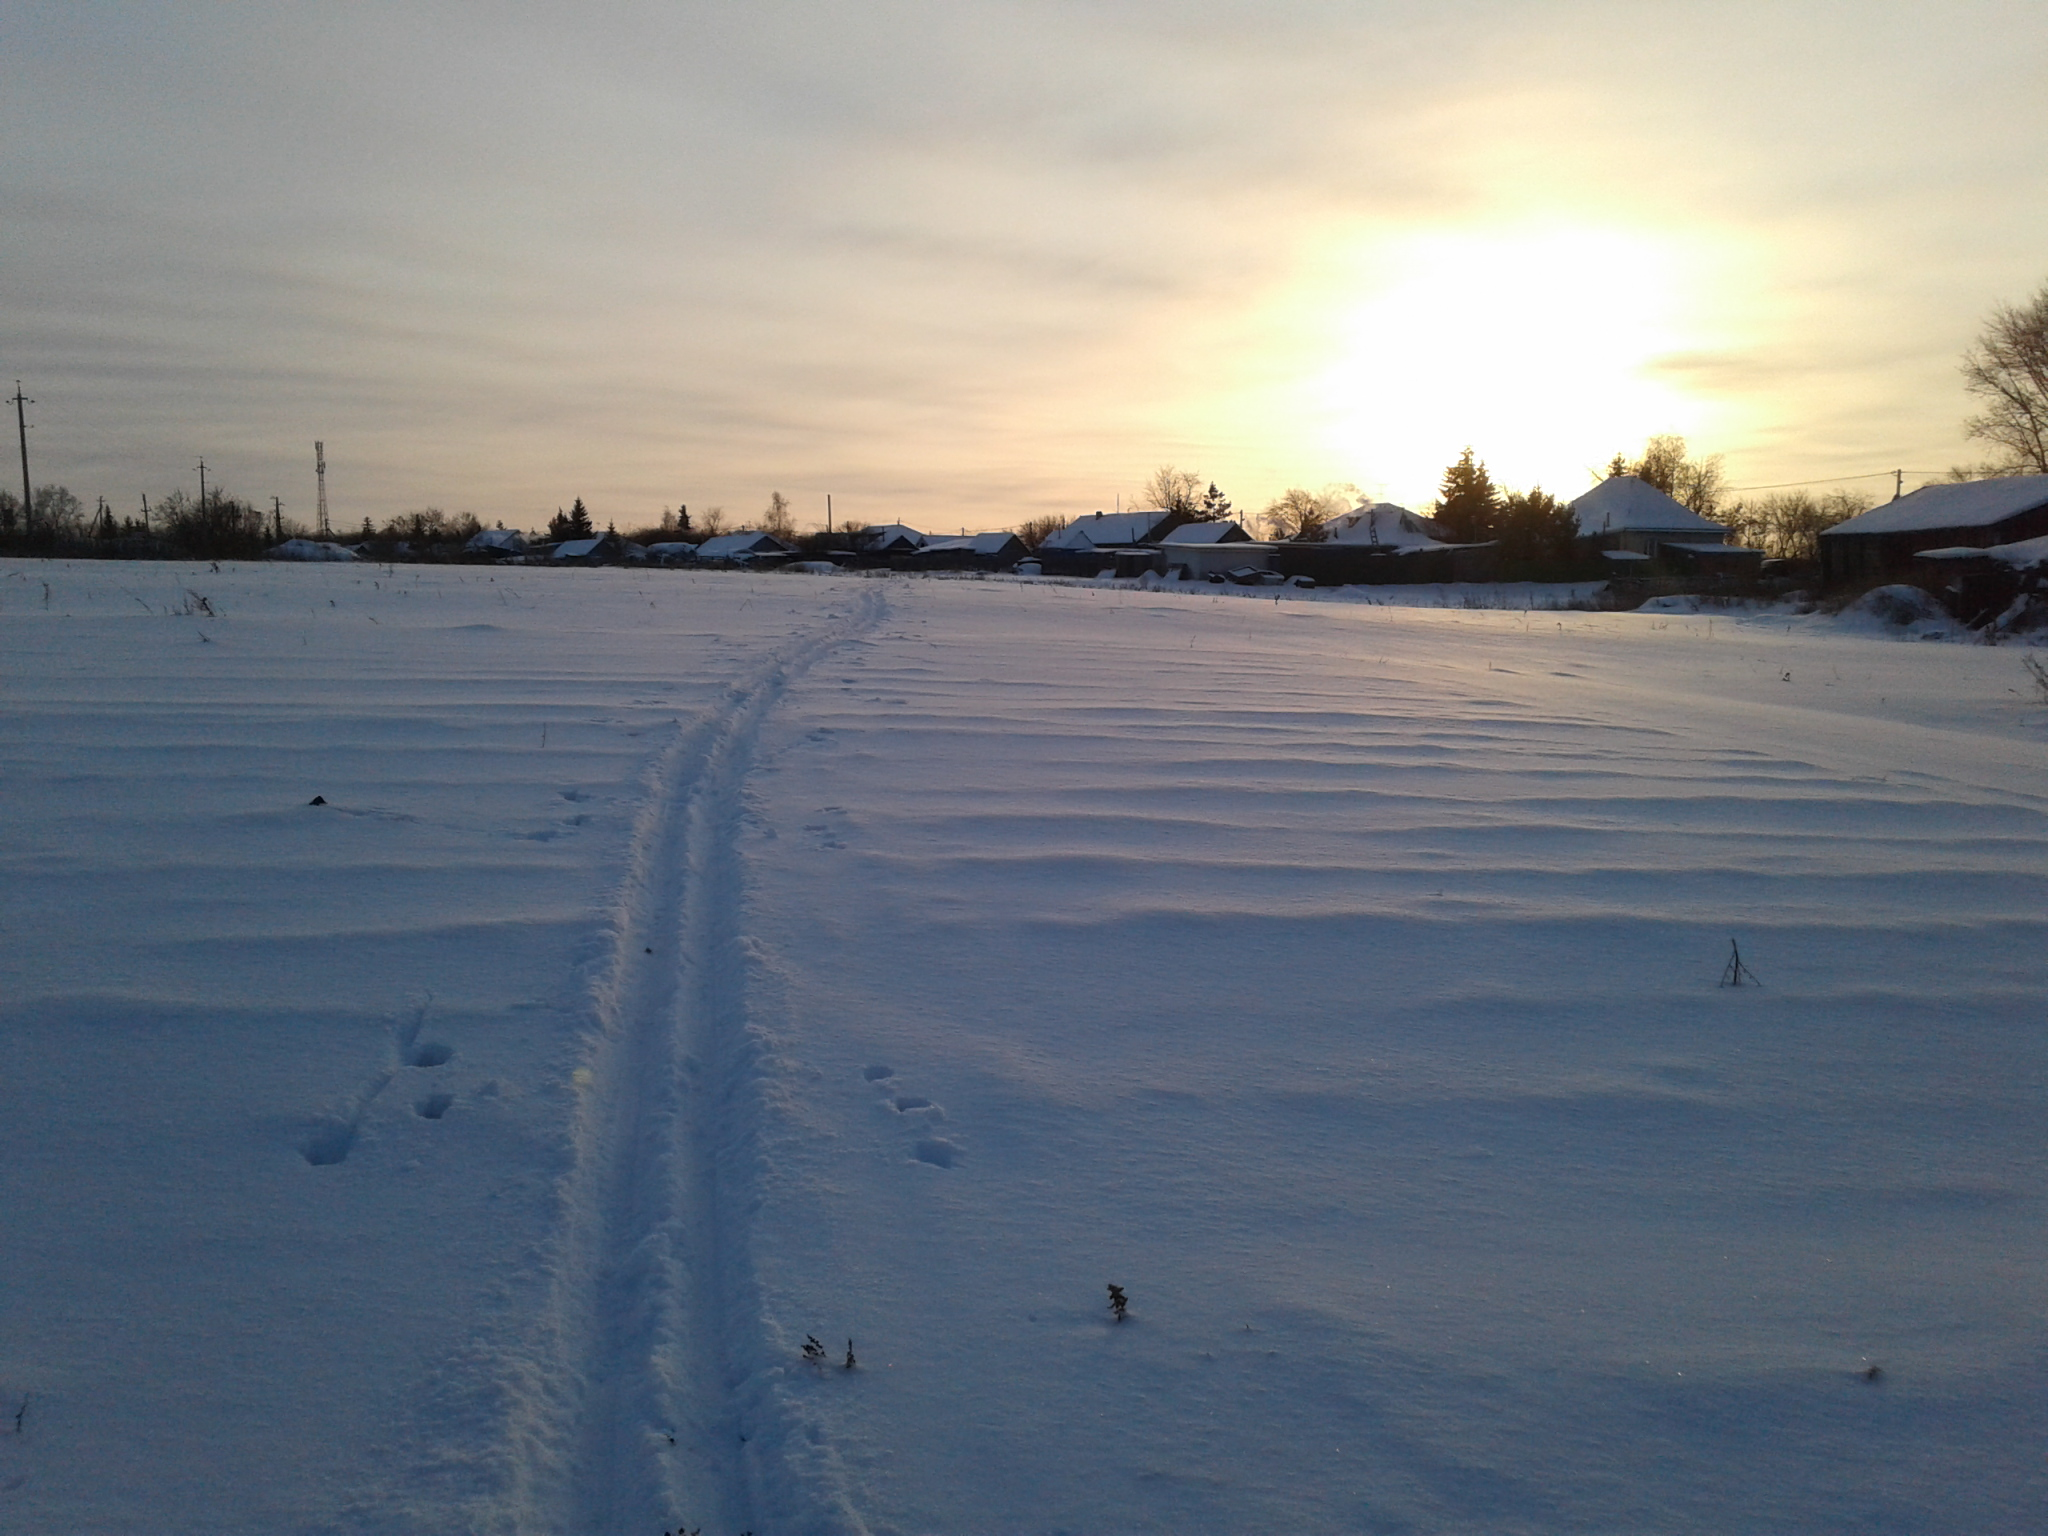 В Омской области температура упала ниже нормы #Омск #Общество #Сегодня